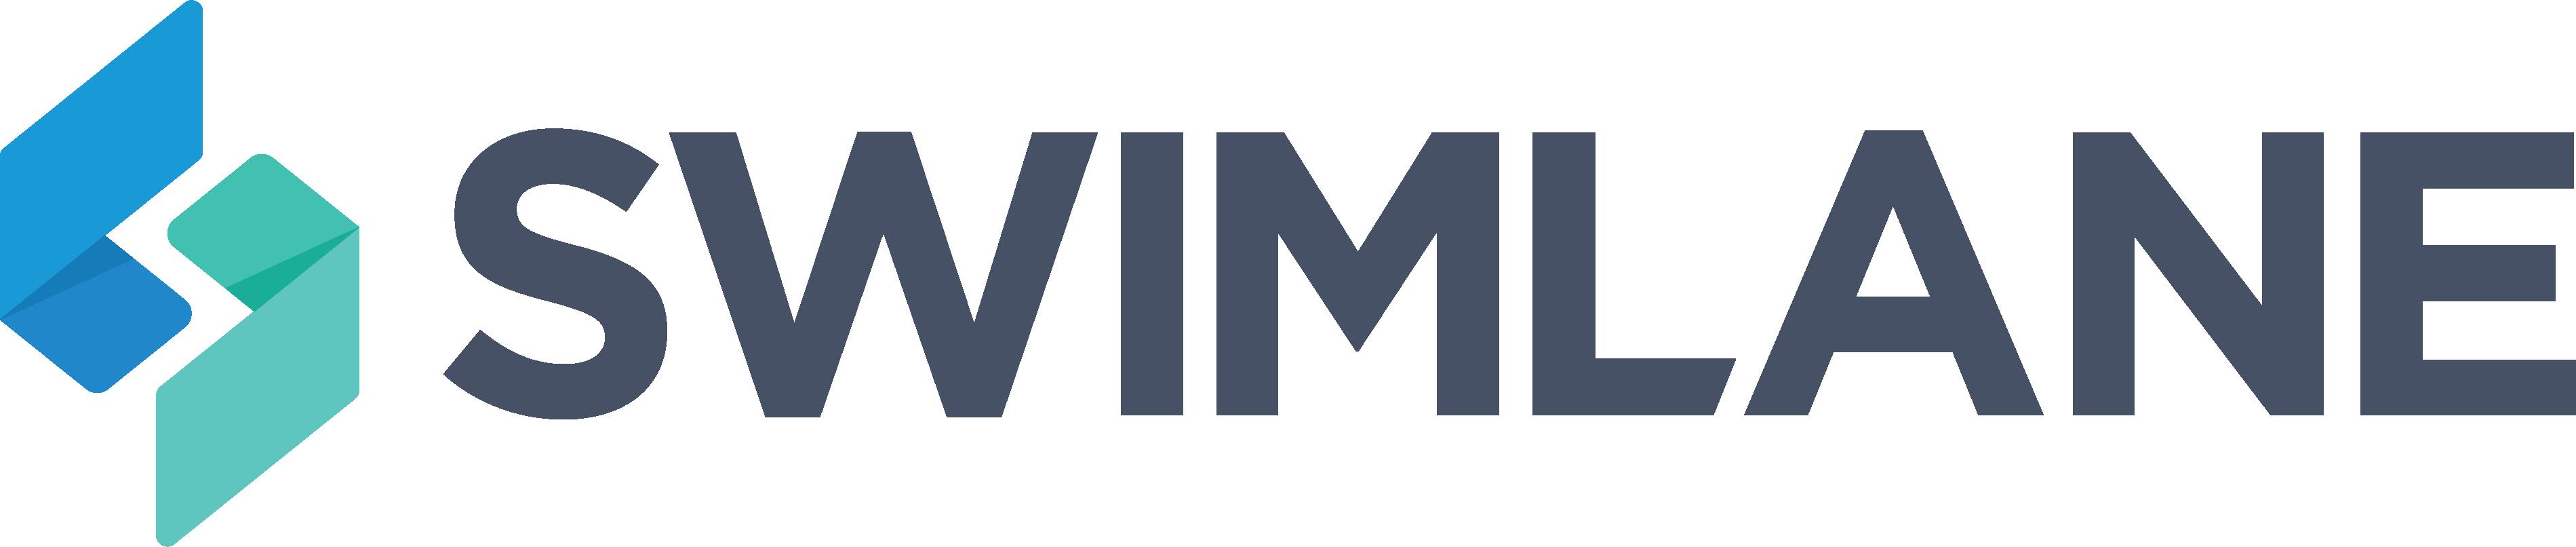 Swimlane_Logo.jpg